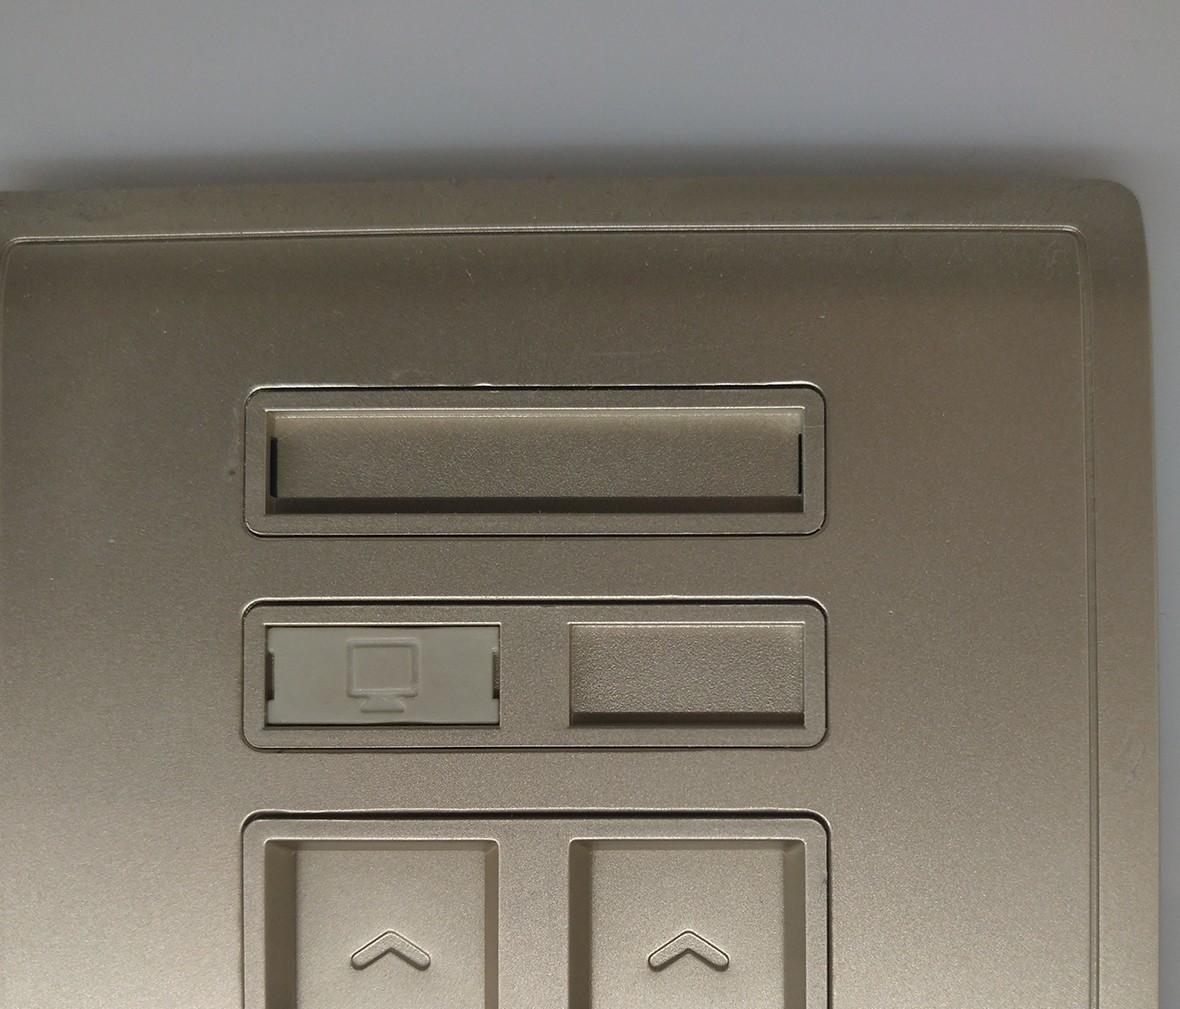 施耐德 丰尚系列 电脑+电话插座 PC材质 耐高温 防漏电 安全插座